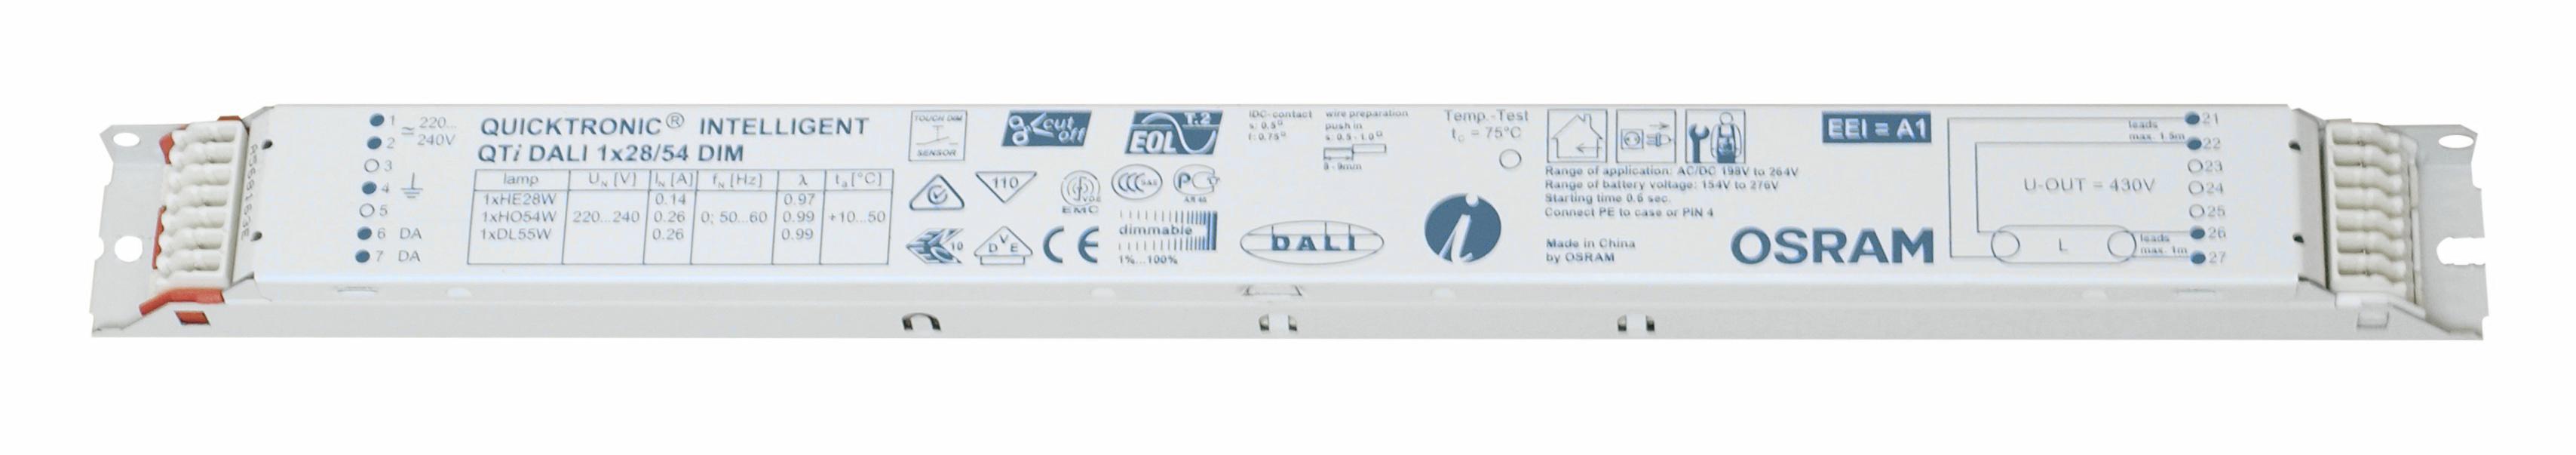 1 Stk EVG QTIDALI 2x18/220-240 für T8 dimmbar DALI LI5Z870526